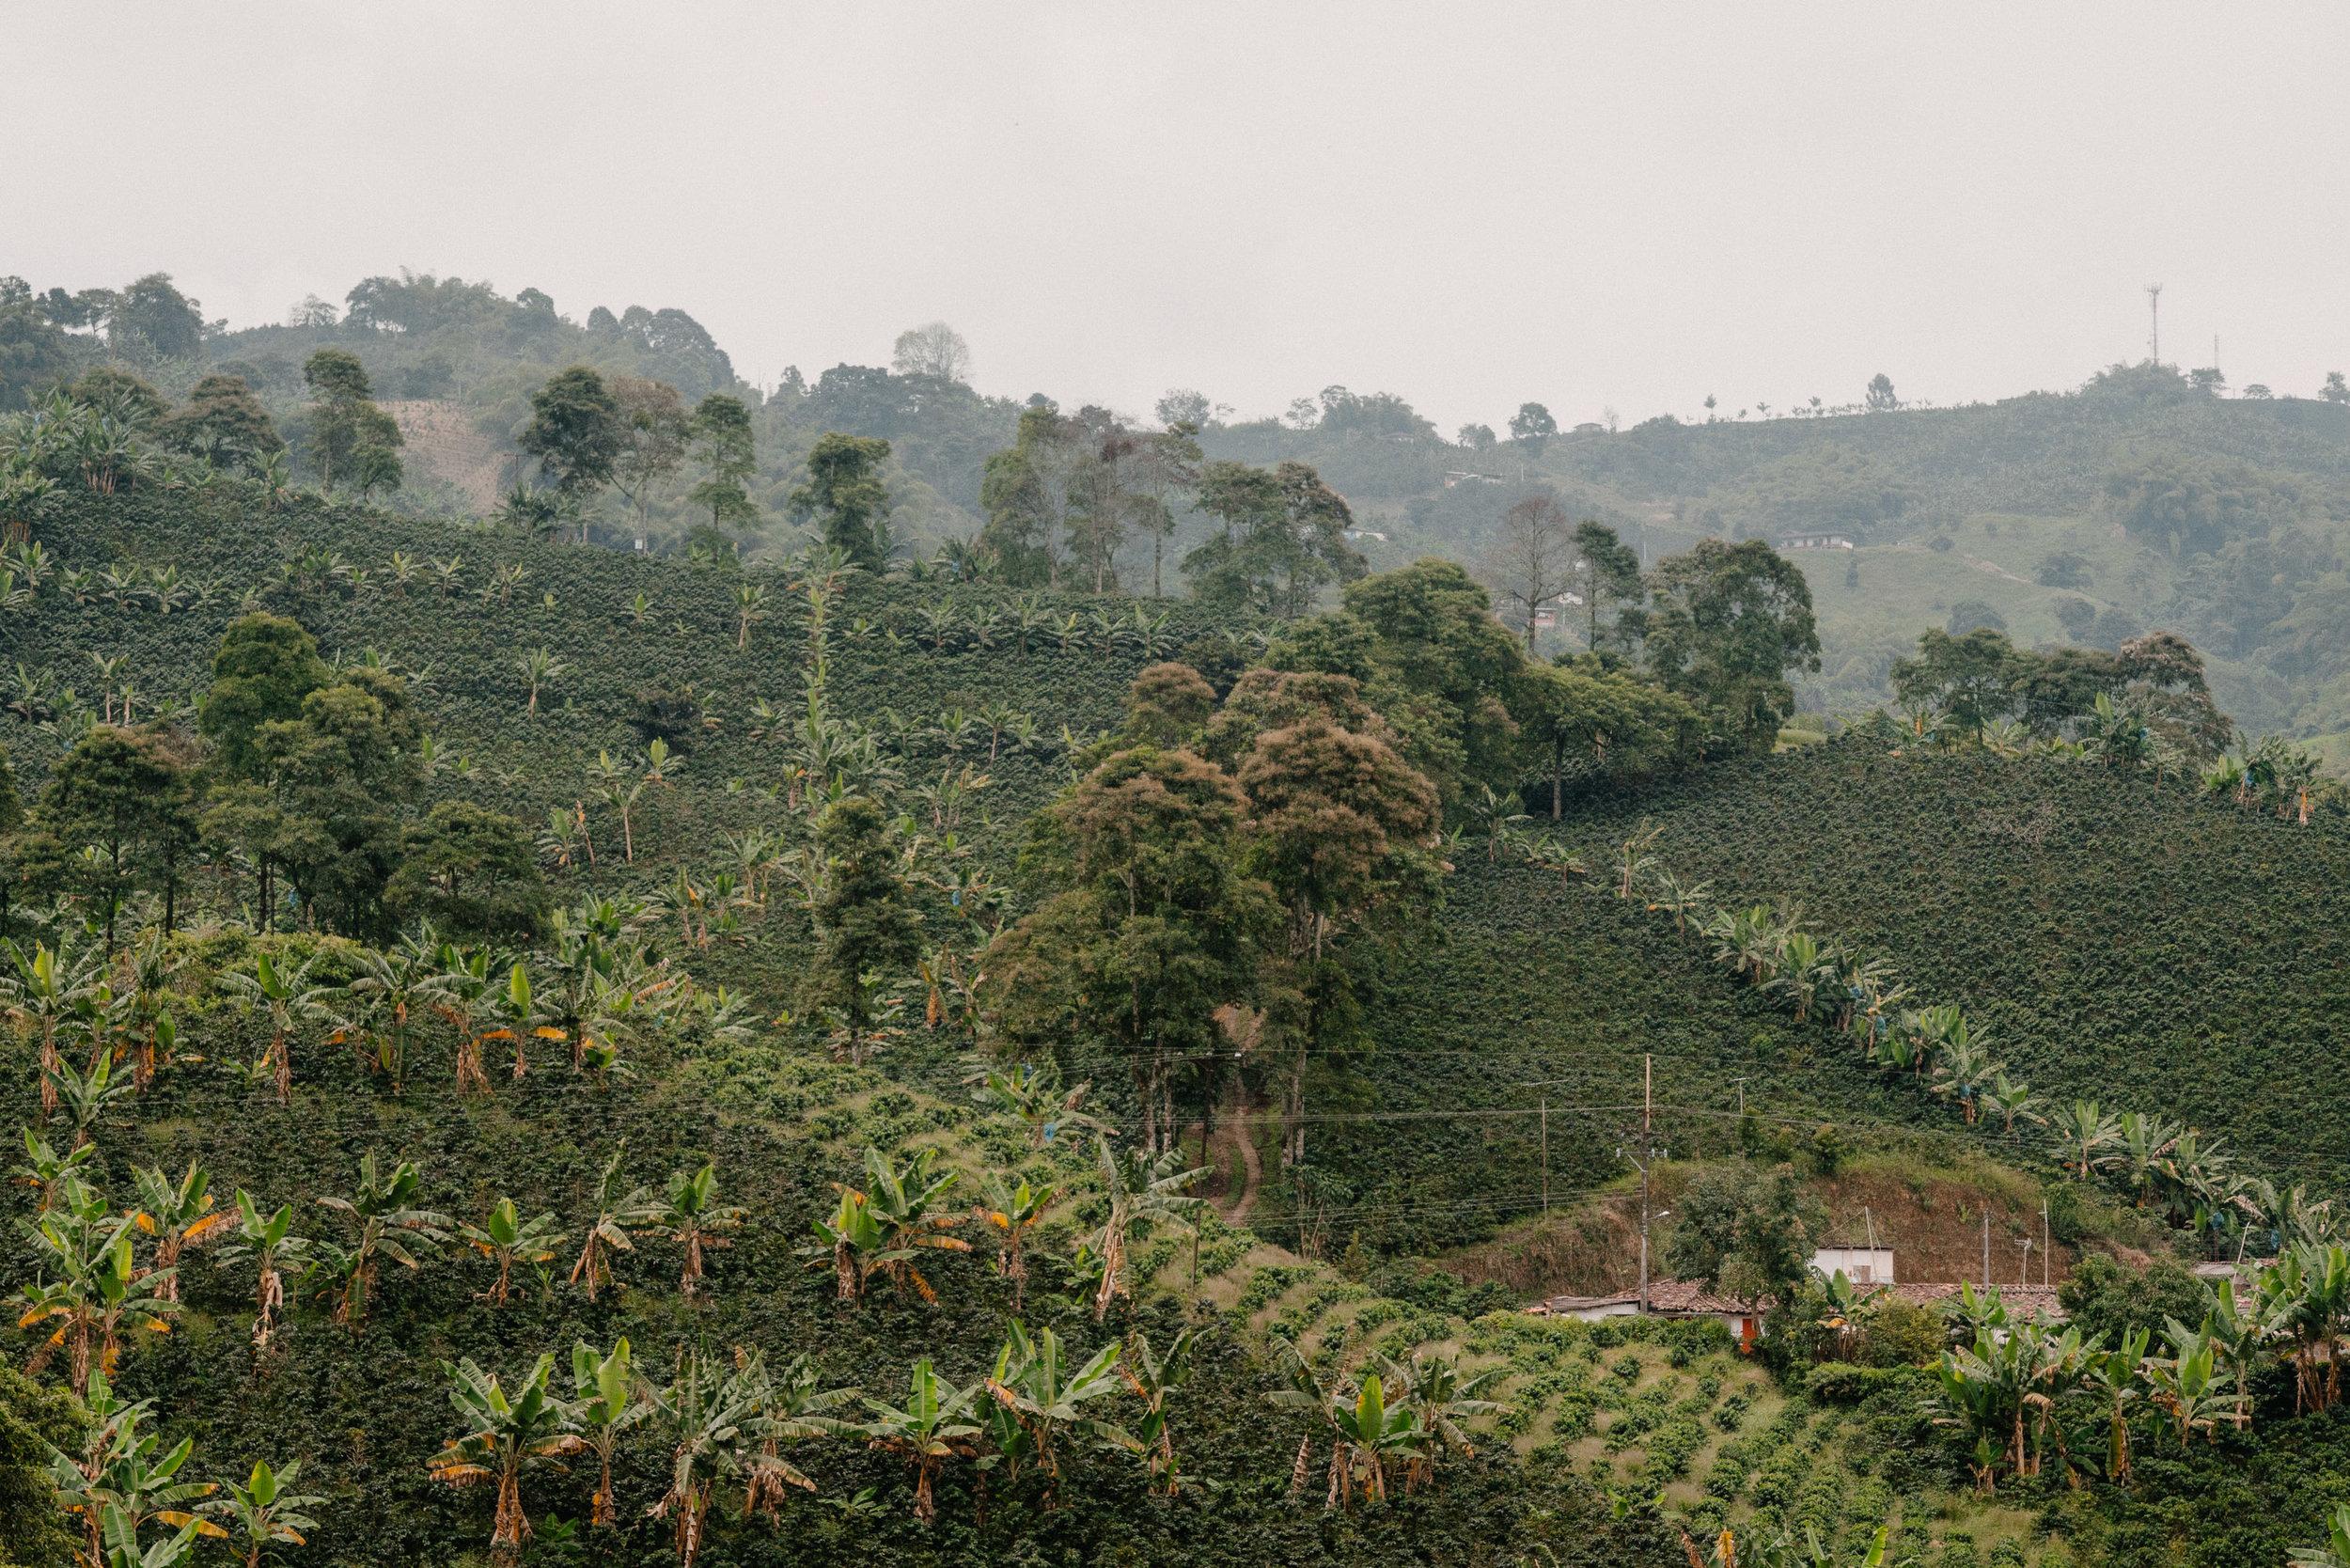 Emanuel-Hahn-Colombia-Coffee-Farmers-Huila-Manizales-Pagpropina-2.jpg